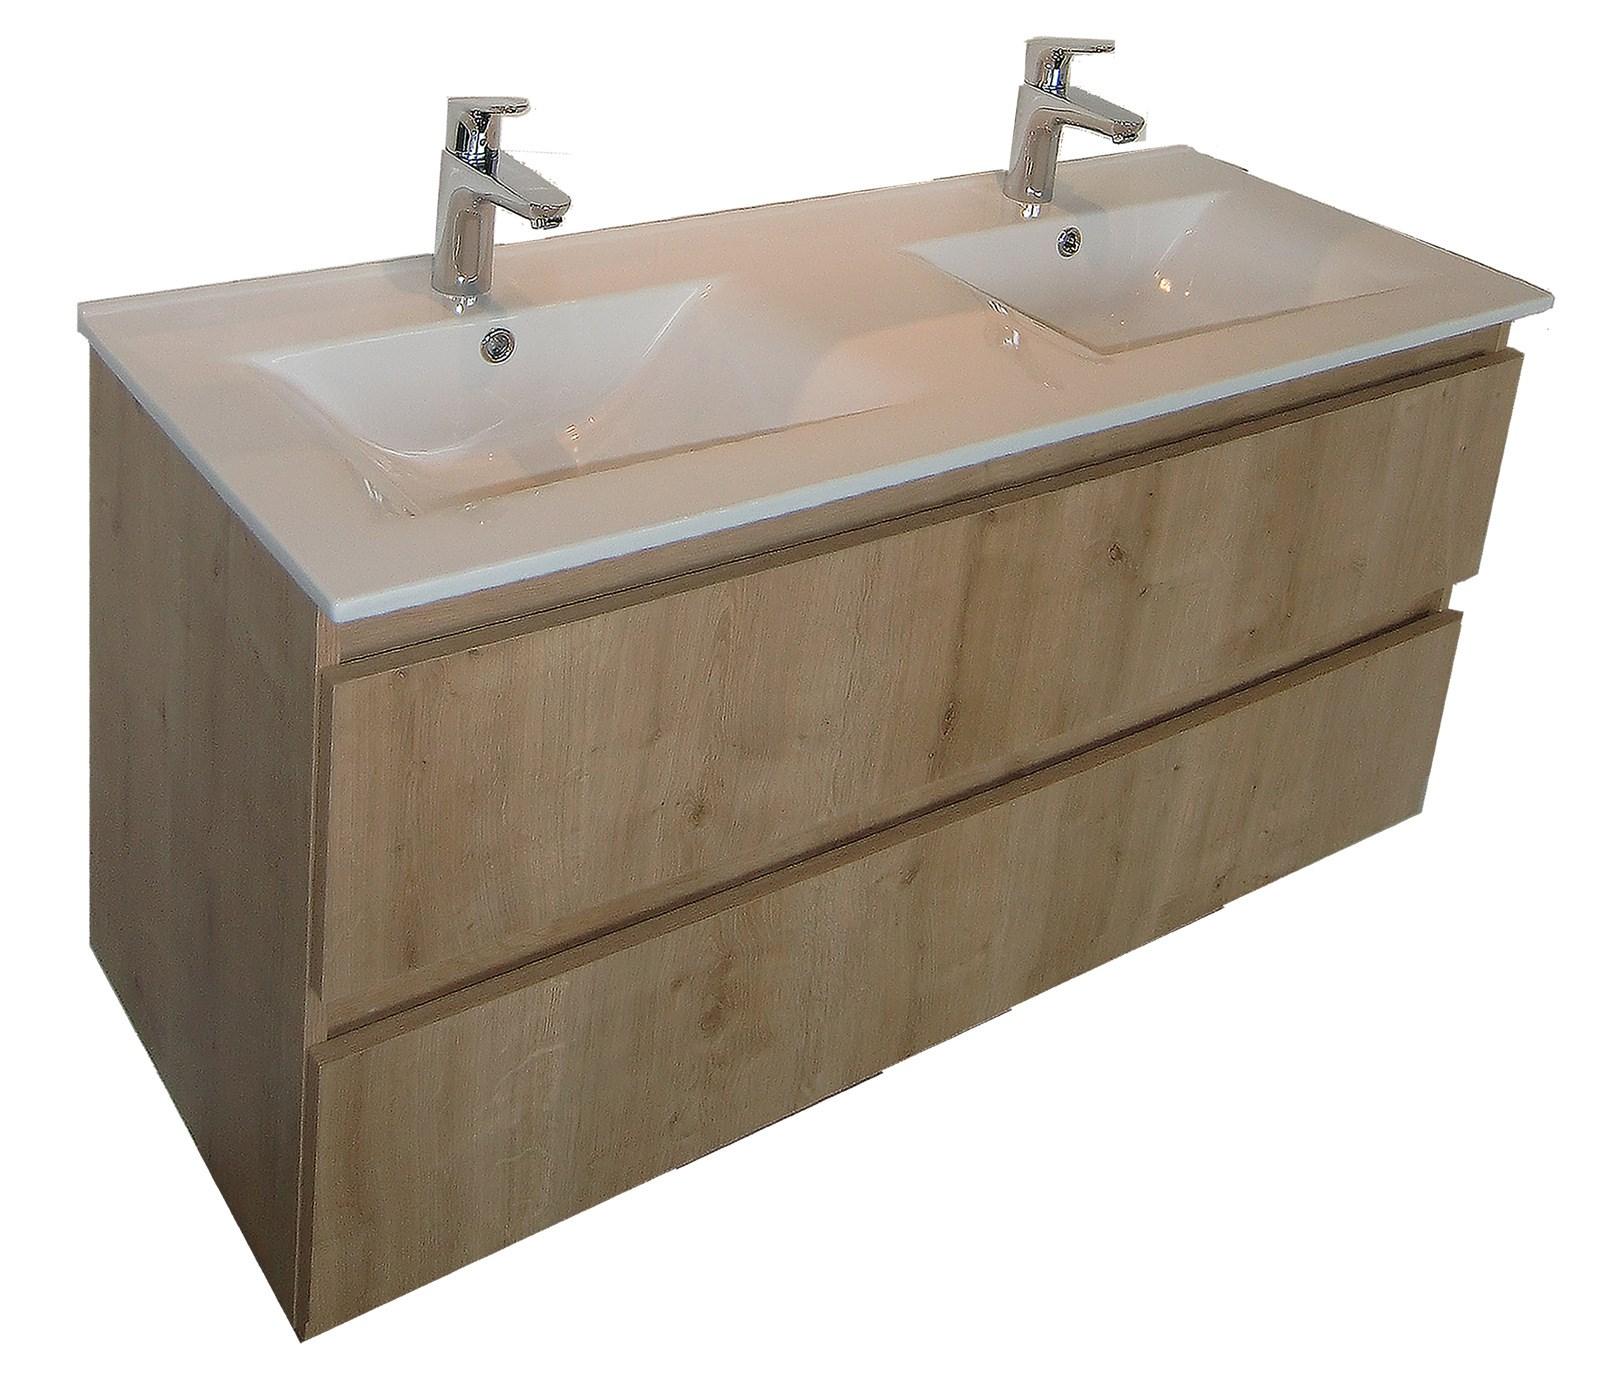 Meuble sous vasque rivage 2 tiroirs de 120 cm - Meuble sous vasque 120 cm ...